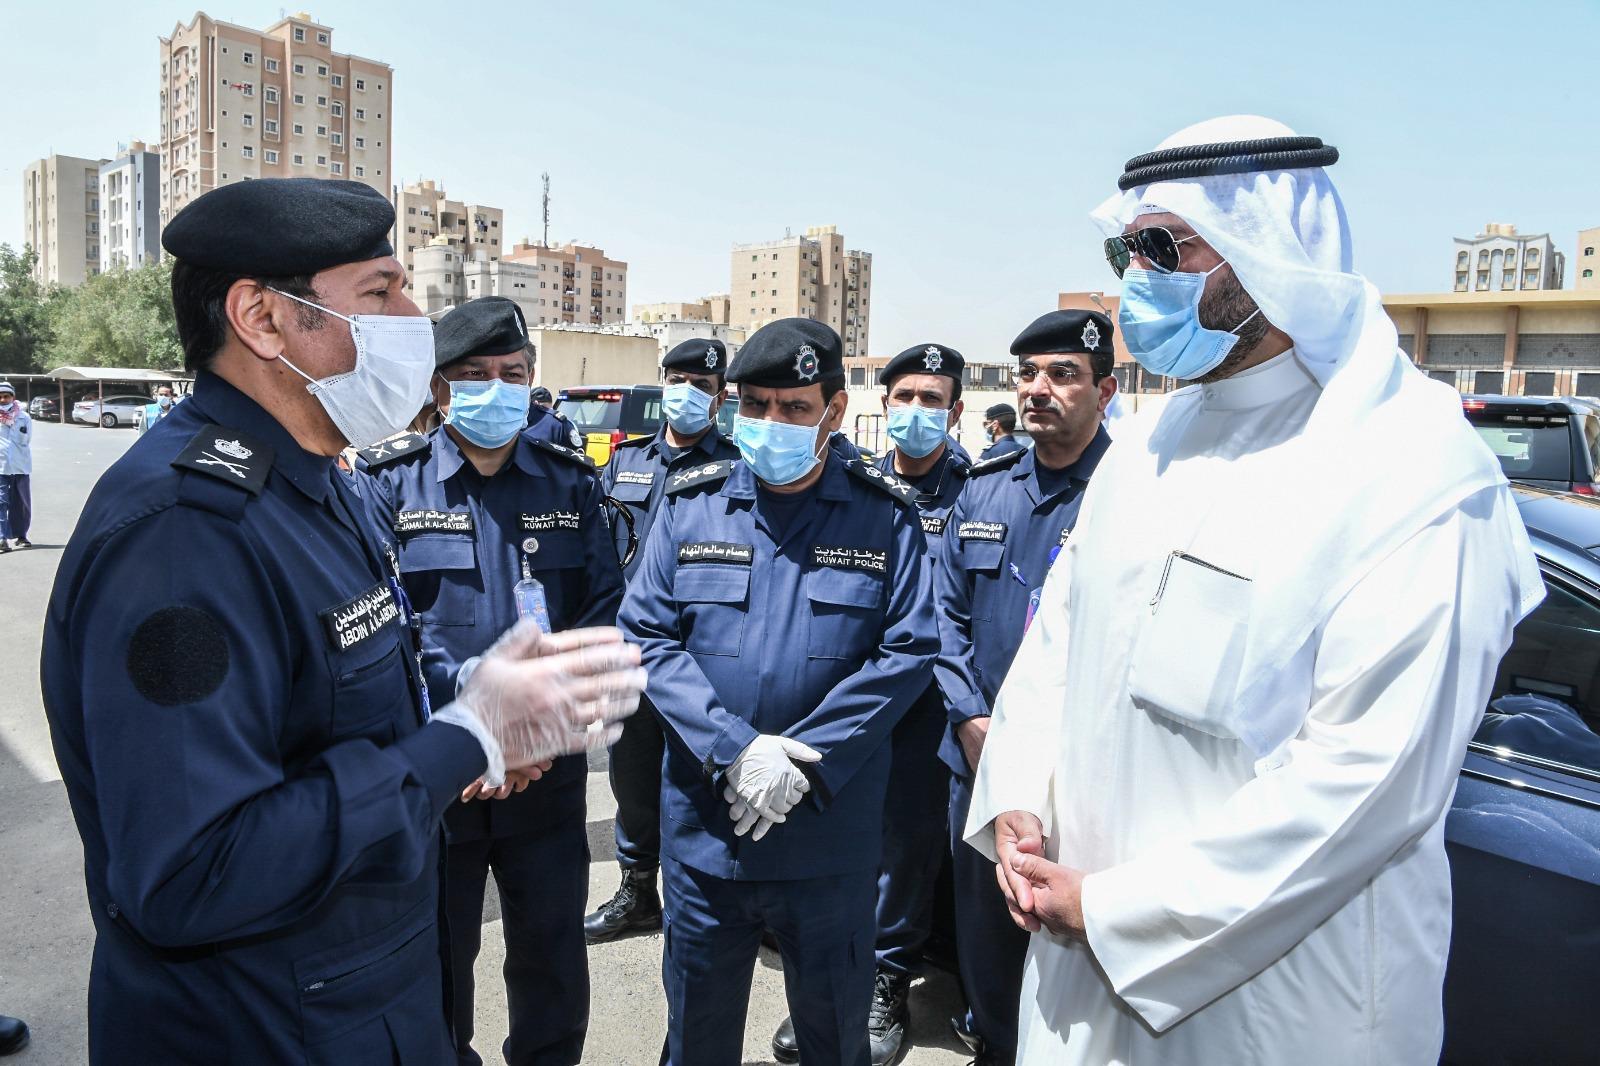 الكويت تحذر مخالفي قانون الاقامة من الإبعاد دون عودة بعد انتهاء المهلة الممنوحة لهم